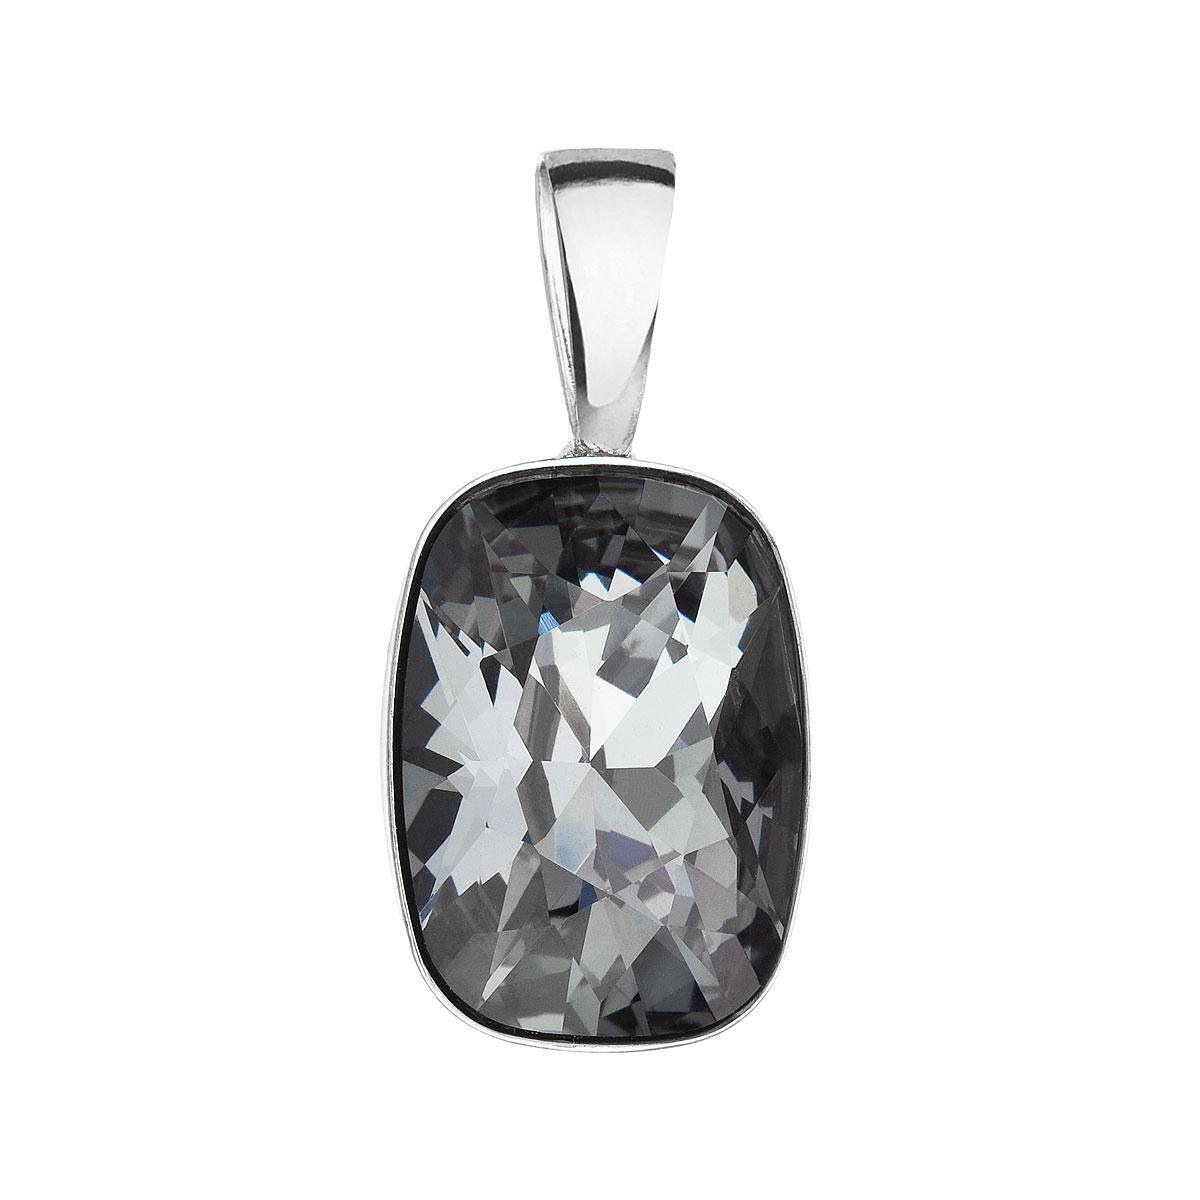 Stříbrný přívěsek s krystaly Swarovski šedý obdélník 34244.5 silver night